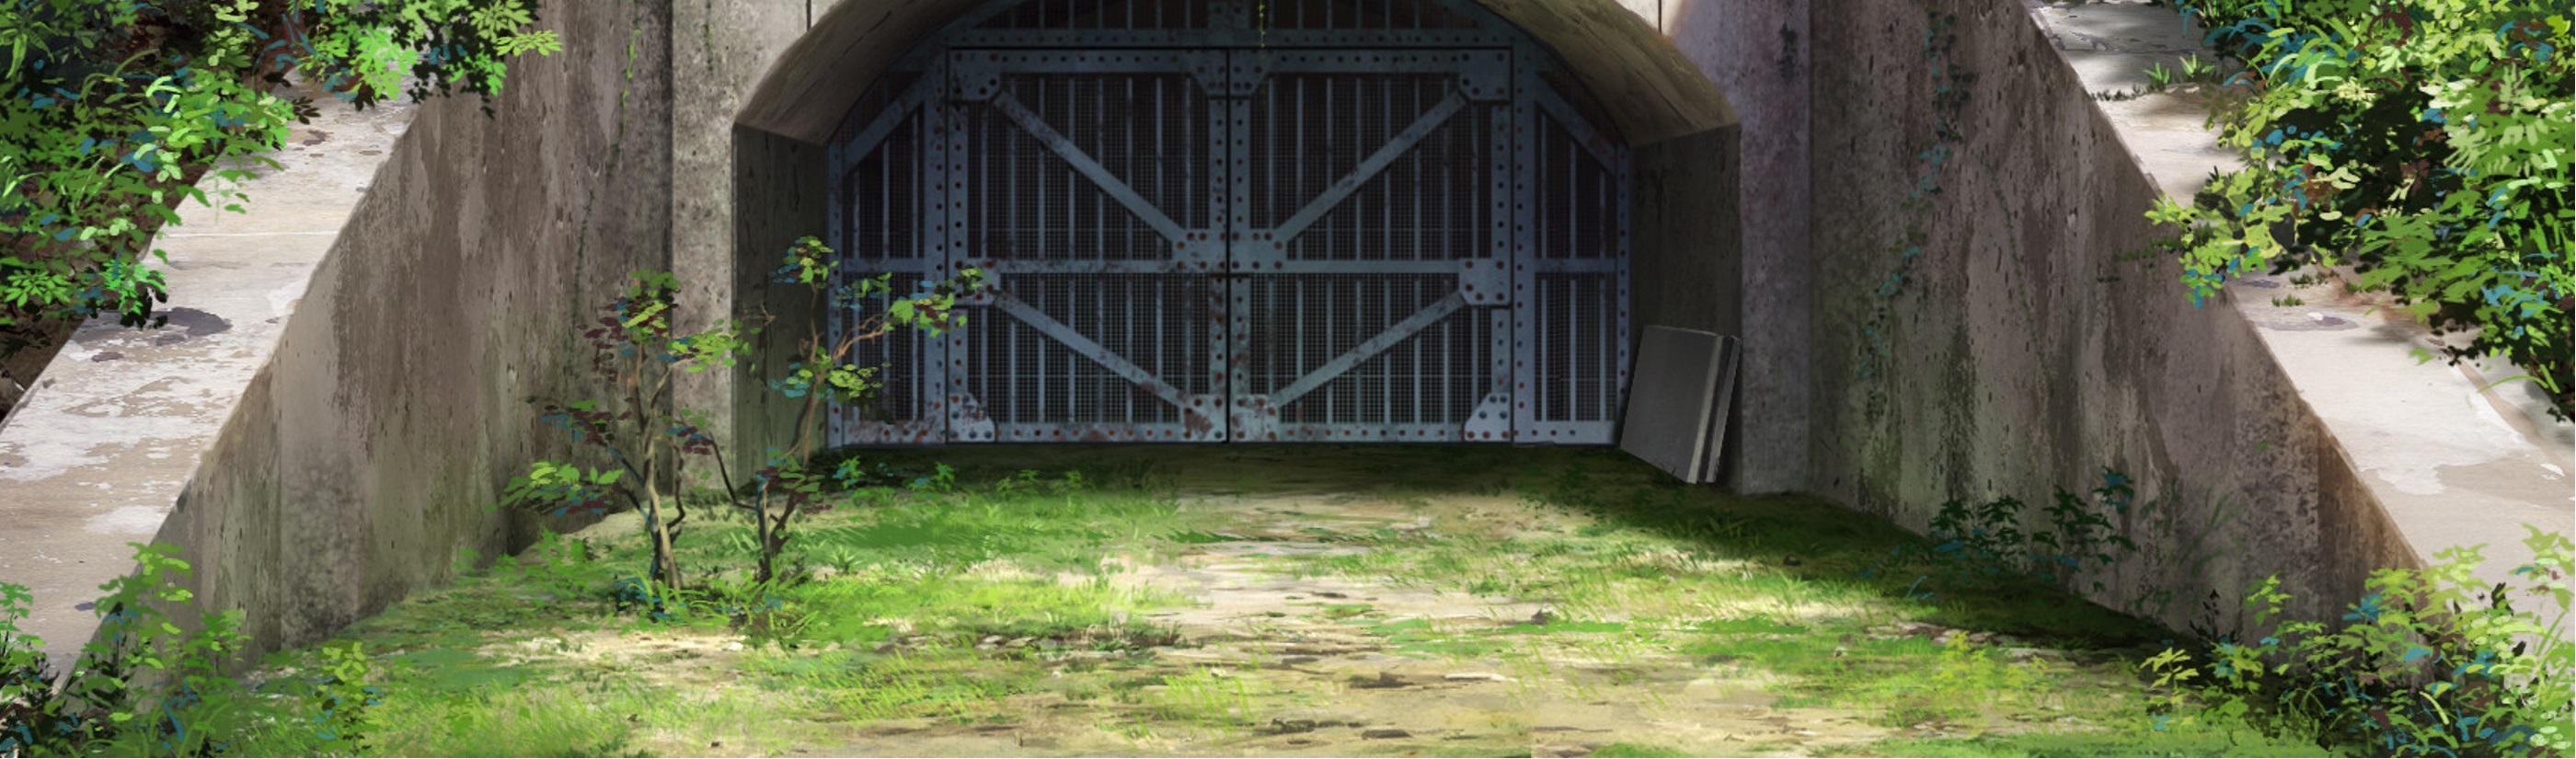 XL Background - Tunnel 01.jpg